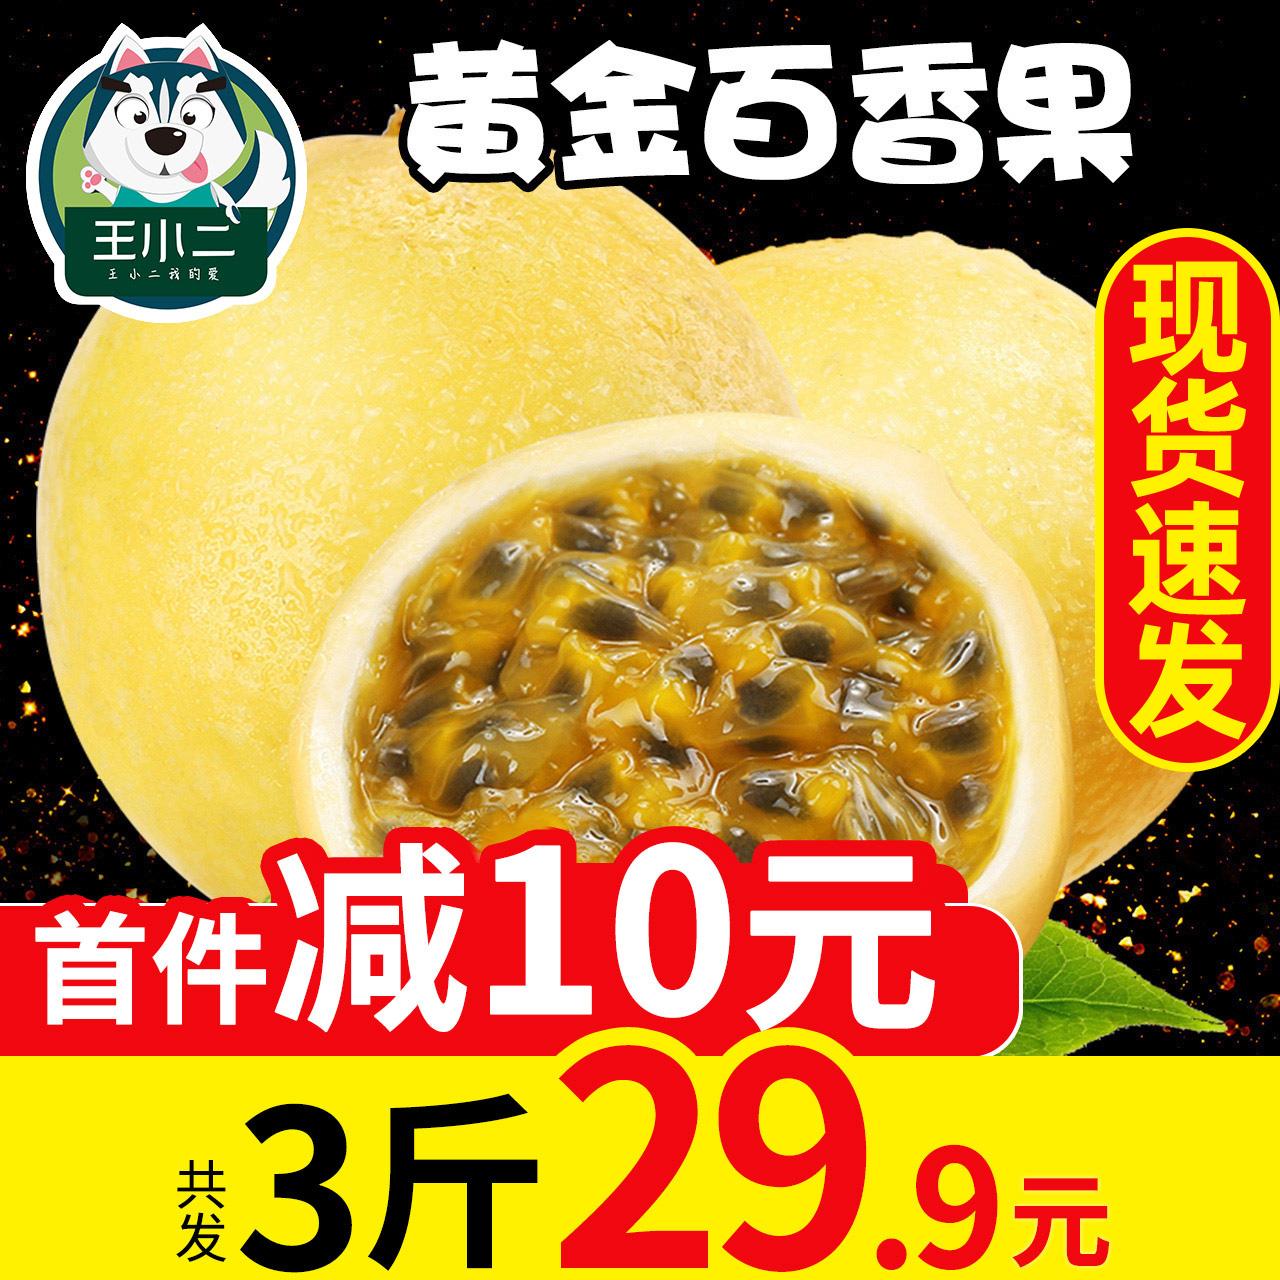 王小二 福建黄金百香果水果 新鲜批发包邮当应季白香果 鸡蛋果3斤